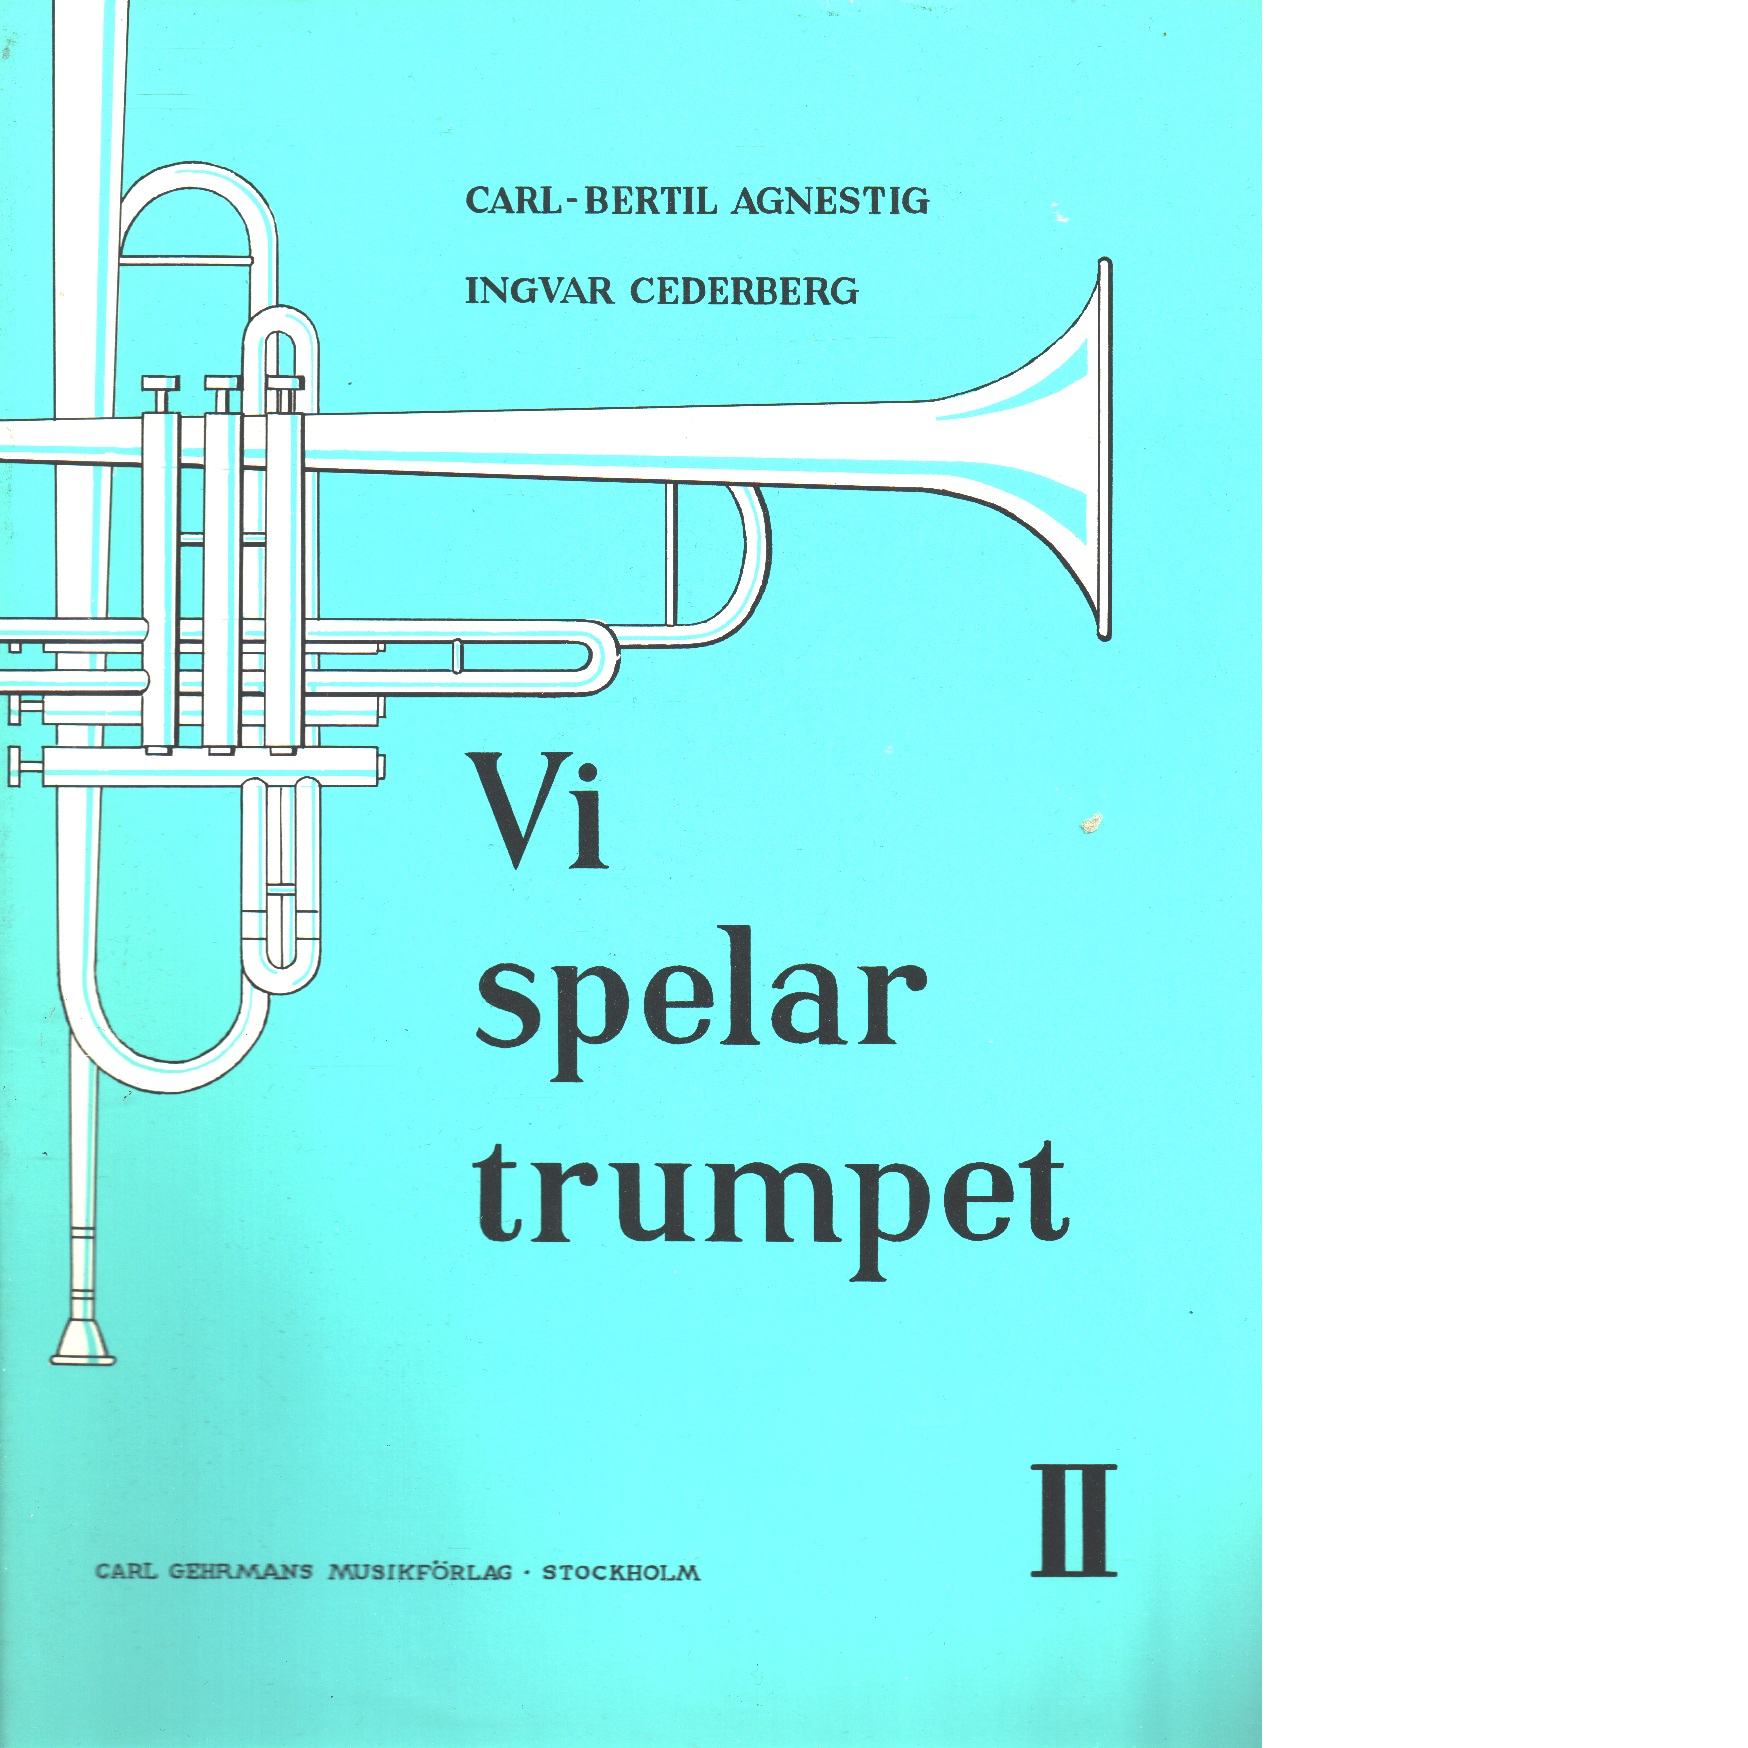 Vi spelar trumpet   [musiktryck]  2 - Agnestig, Carl-bertil Och Cederberg, Ingvar